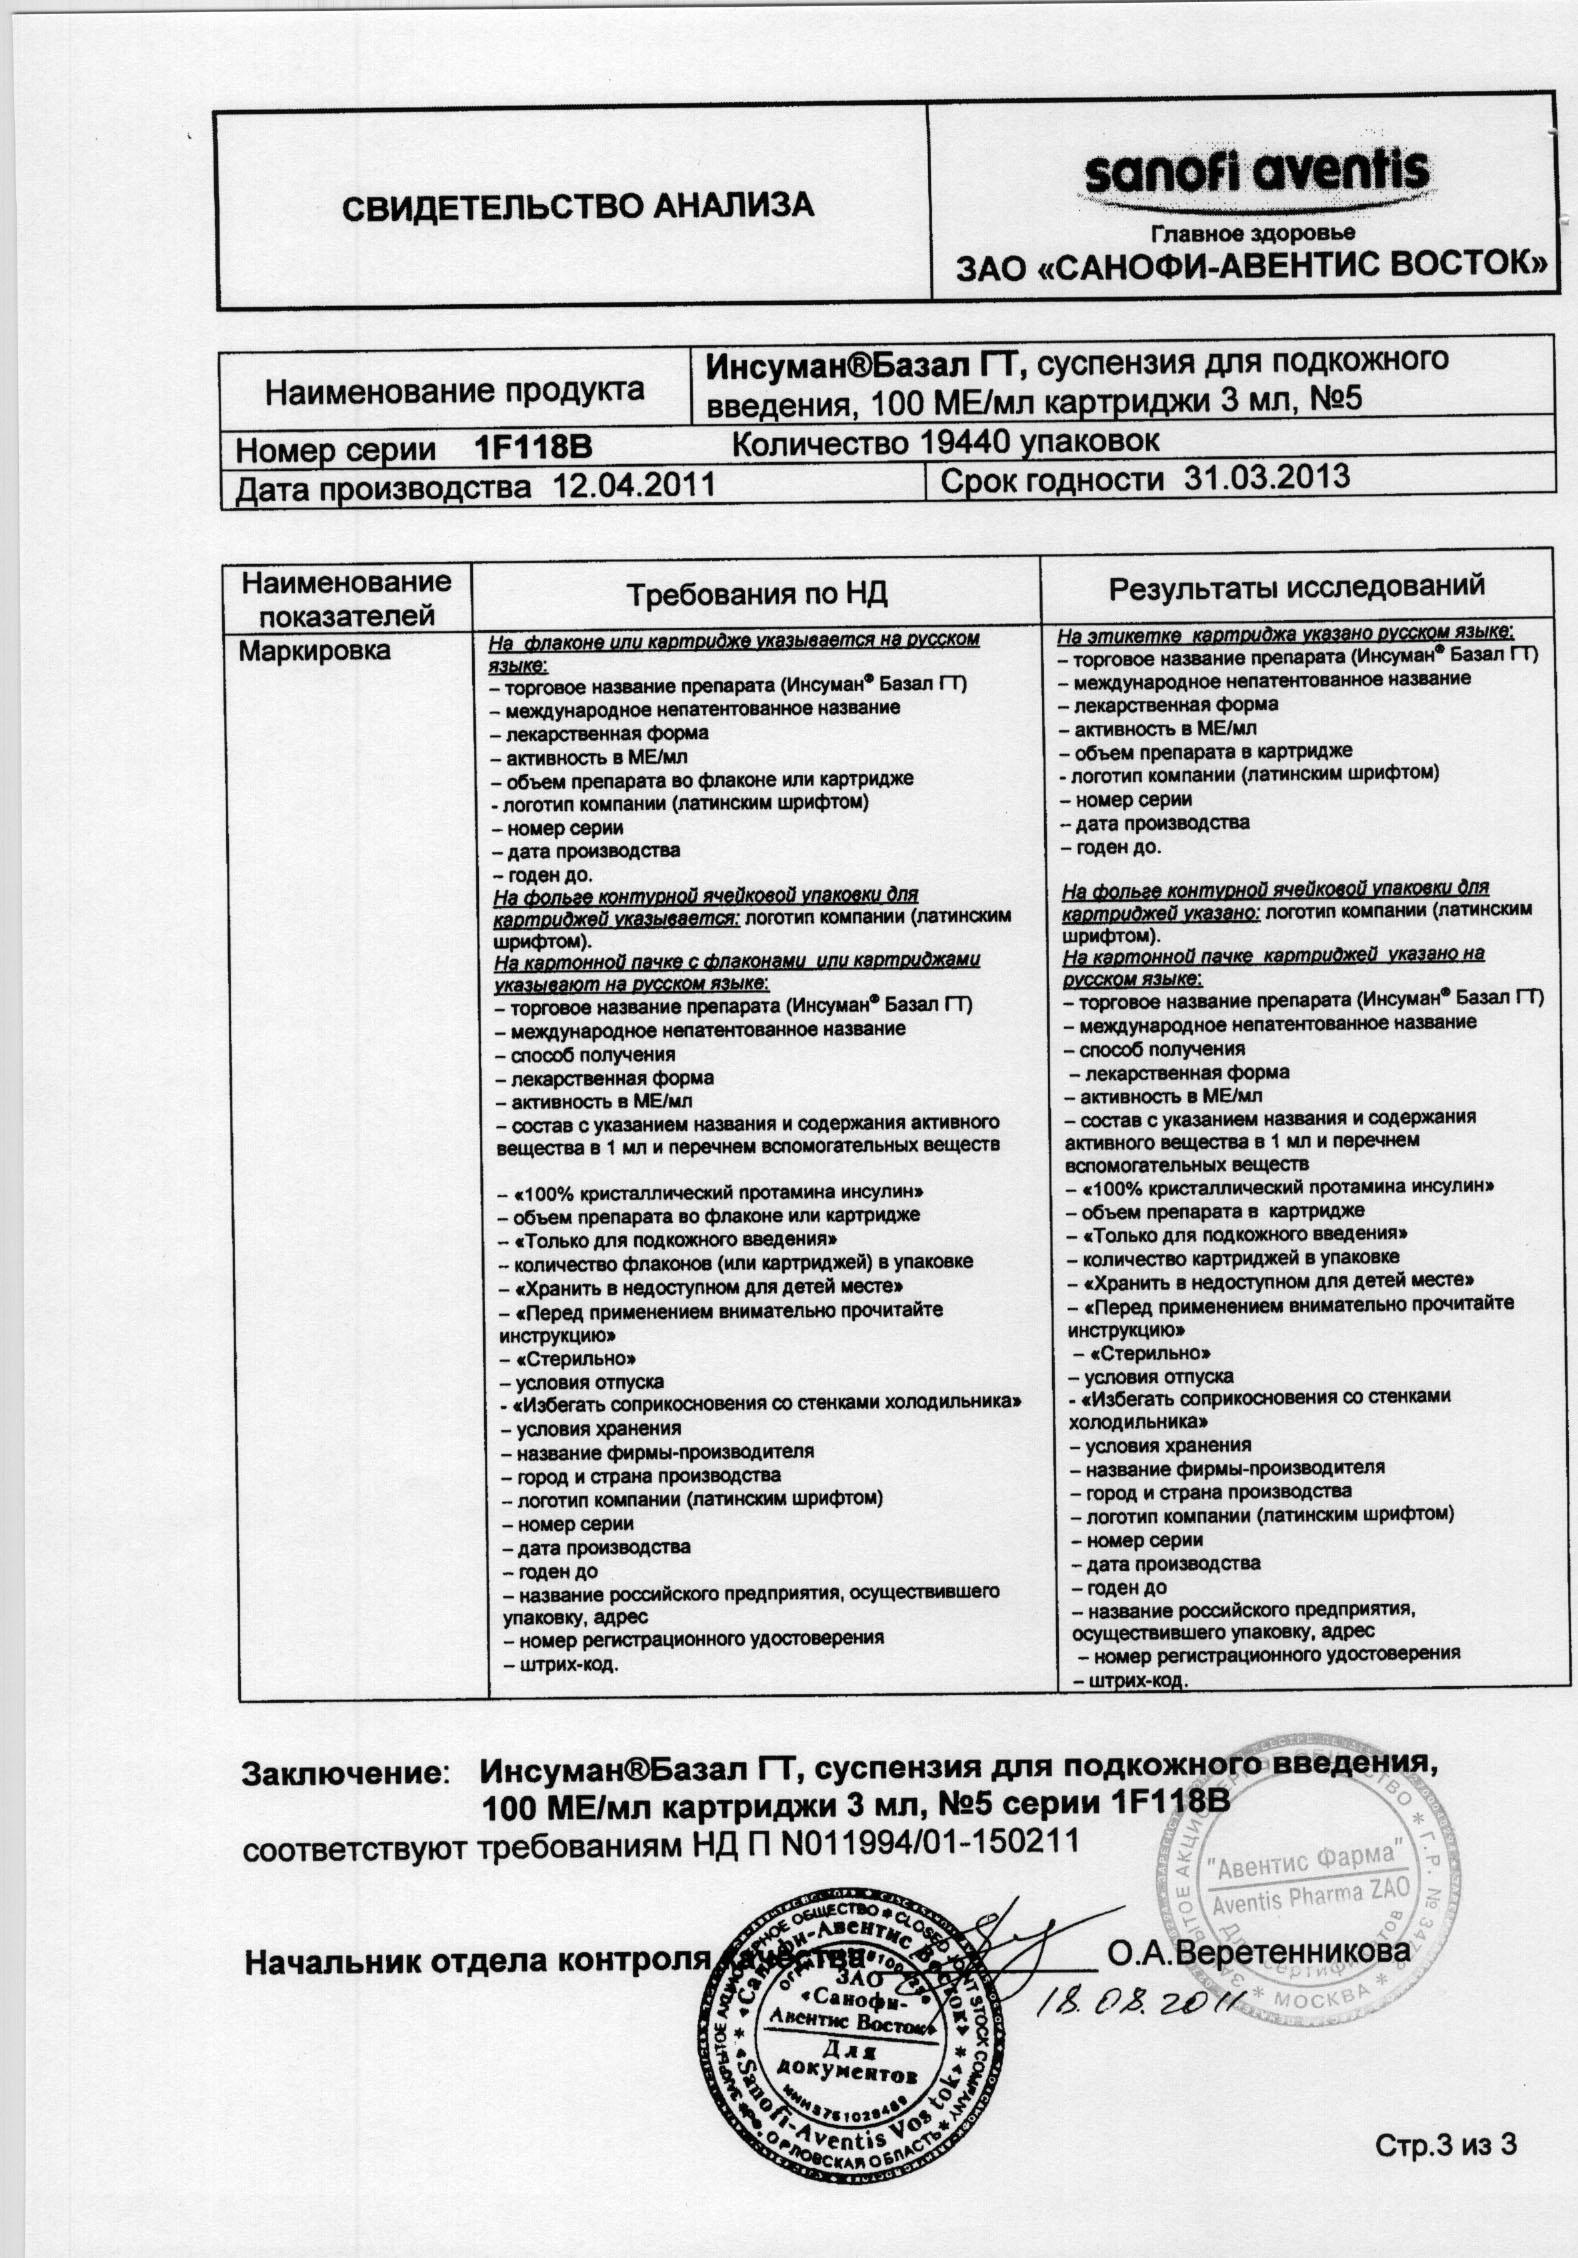 Фентоламин – инструкция, применение, показания, противопоказания, действие, побочные эффекты, аналоги, дозировка, состав